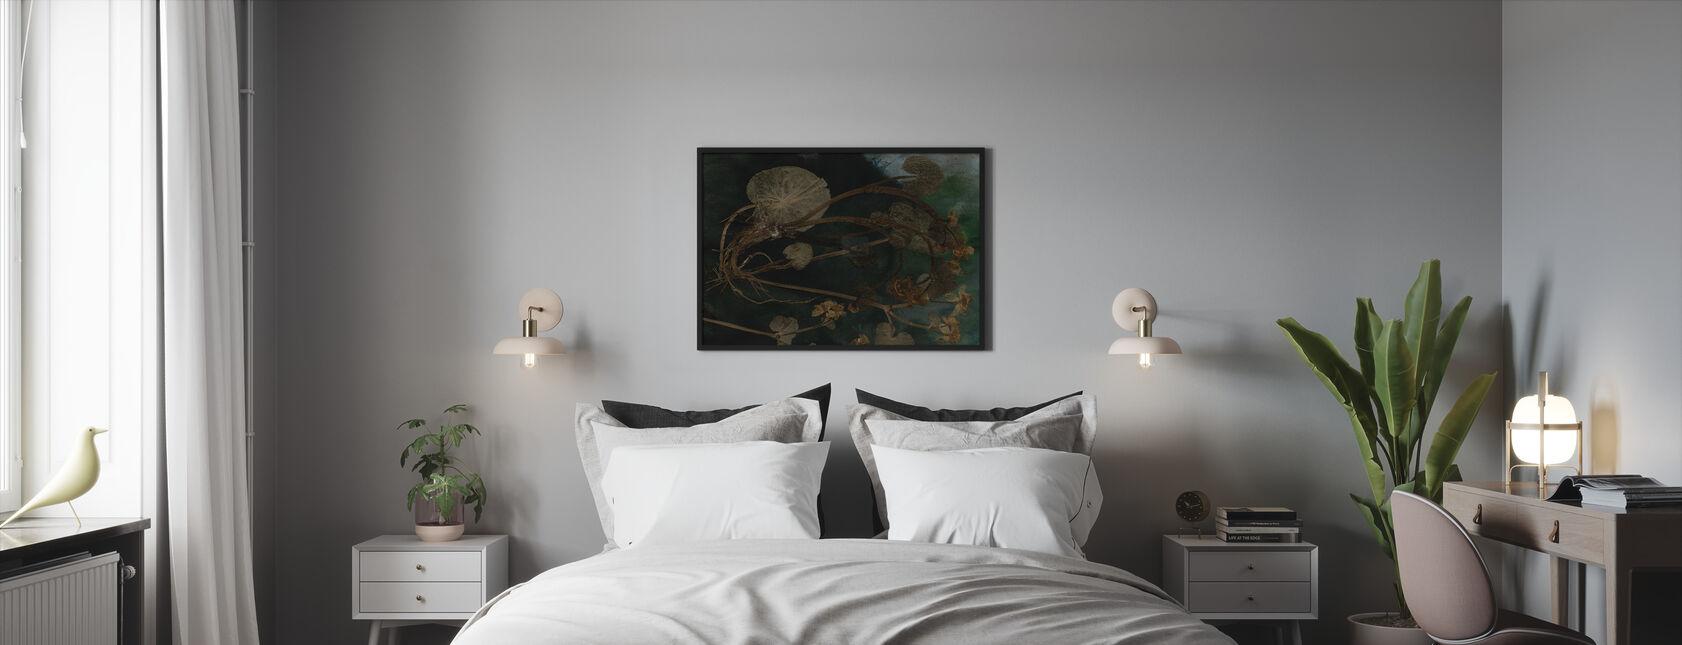 Marzola de Marzo - Print enmarcado - Dormitorio